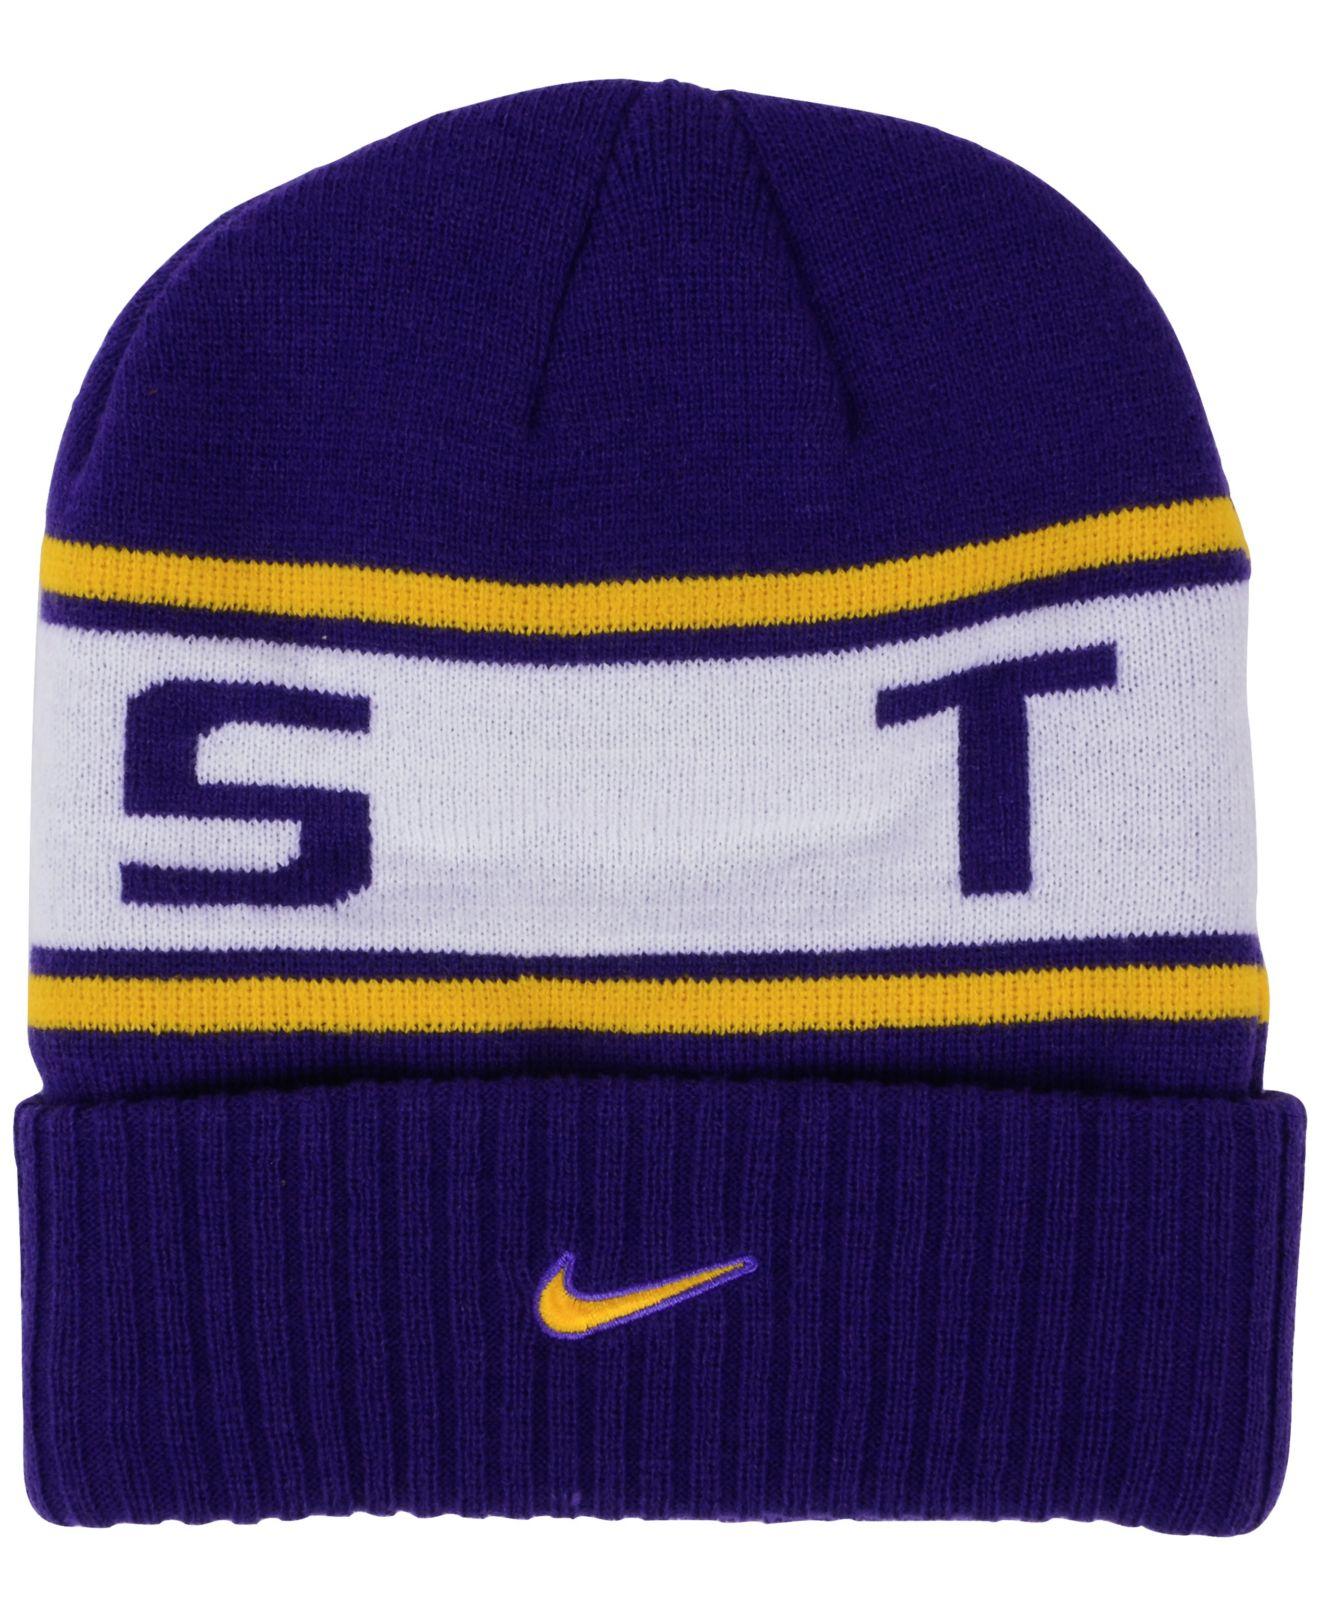 b5098052339 Lyst - Nike Lsu Tigers Sideline Knit Hat in Blue for Men